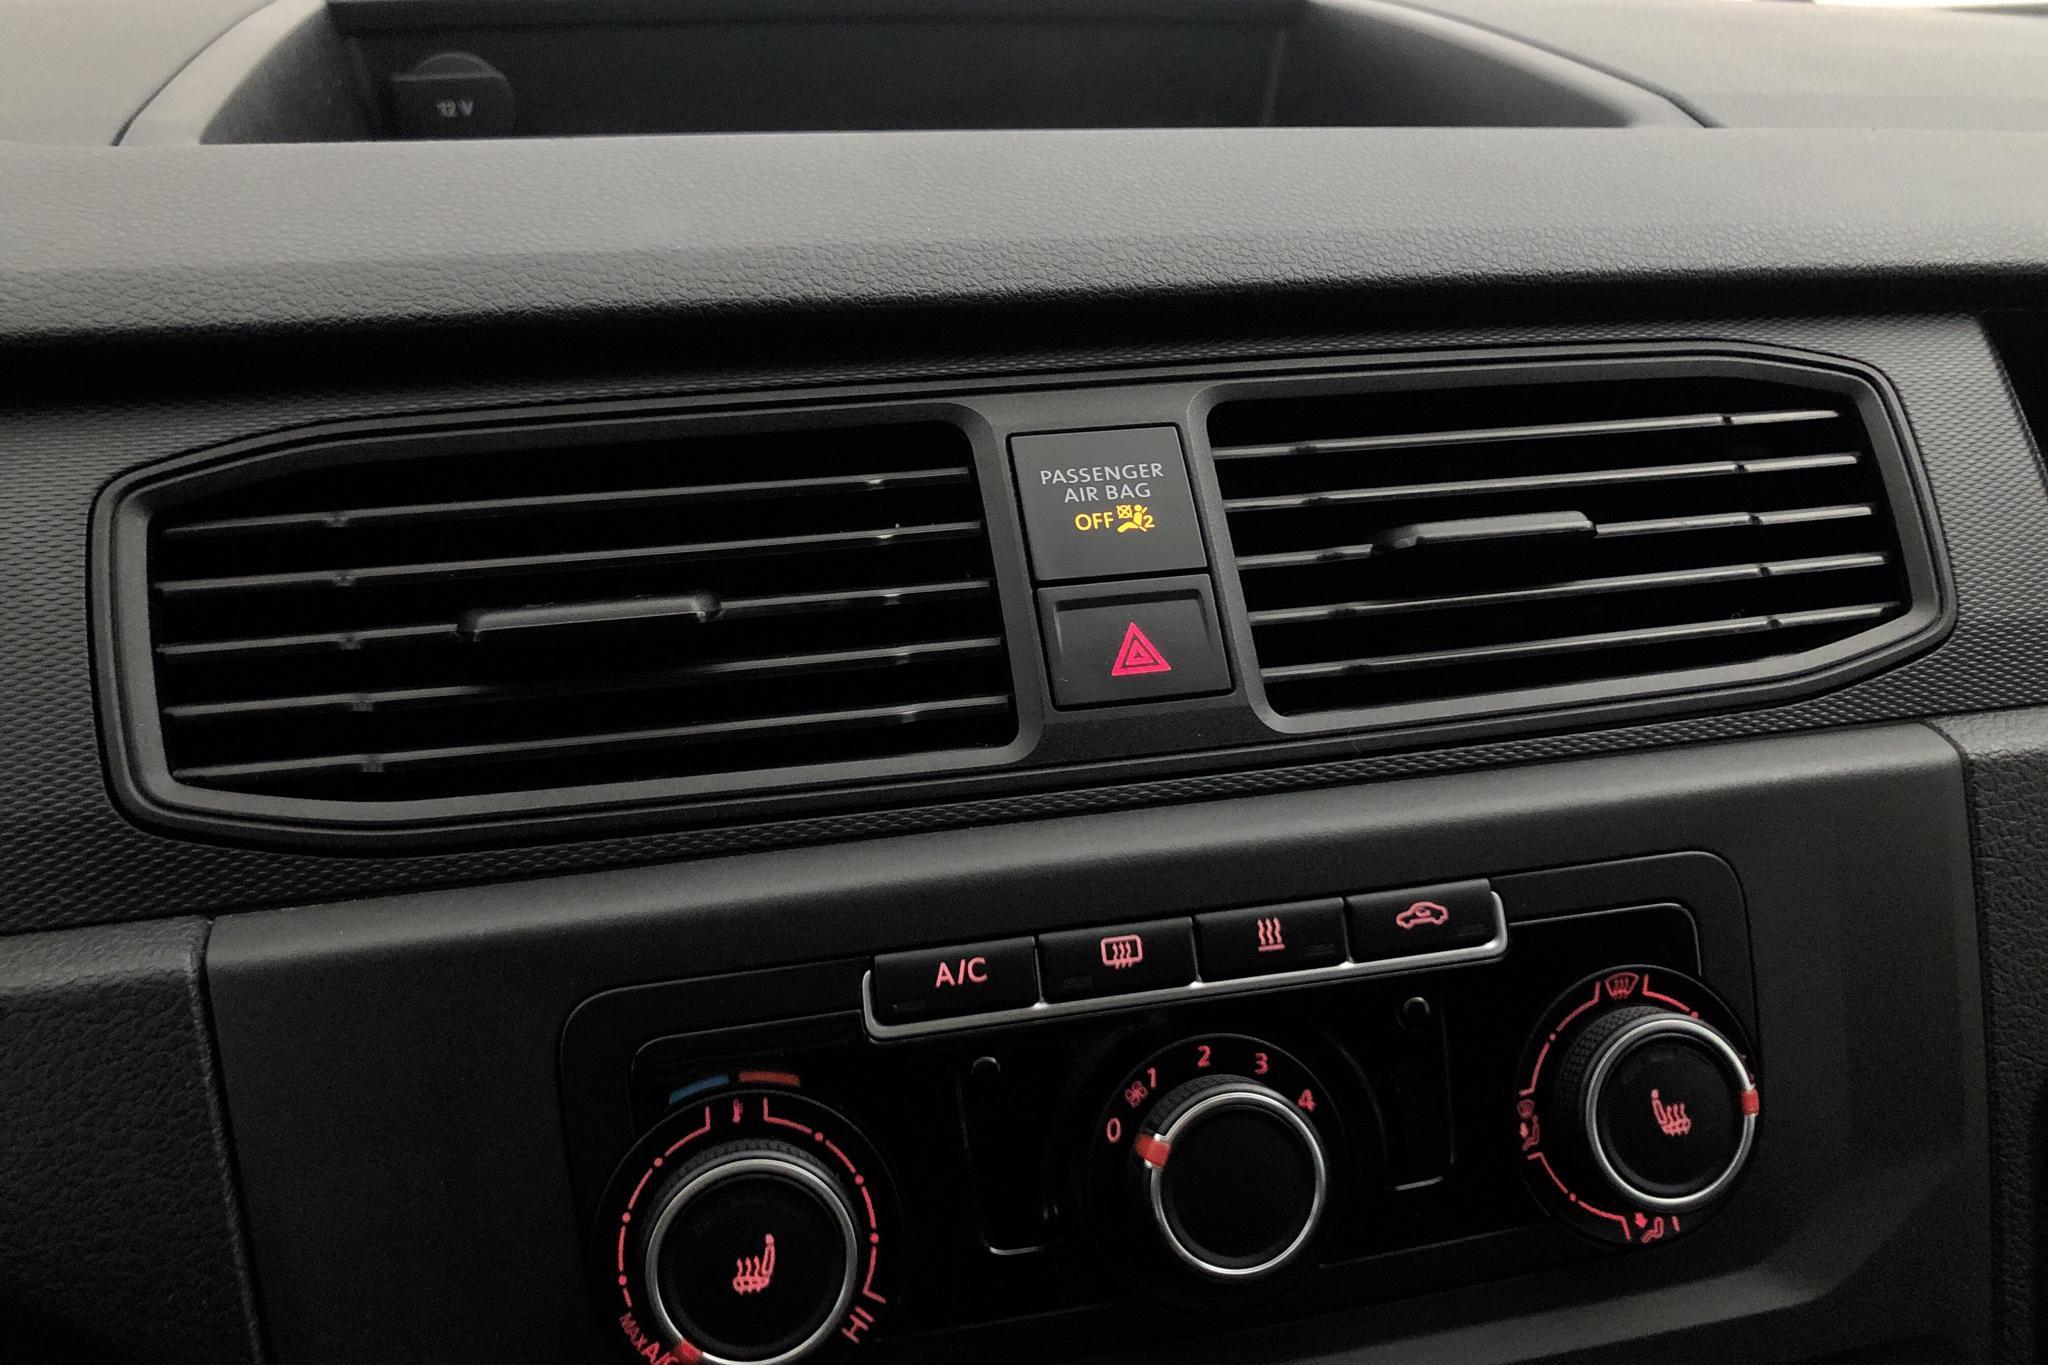 VW Caddy 1.6 TDI Skåp (75hk) - 15 539 mil - Manuell - vit - 2016